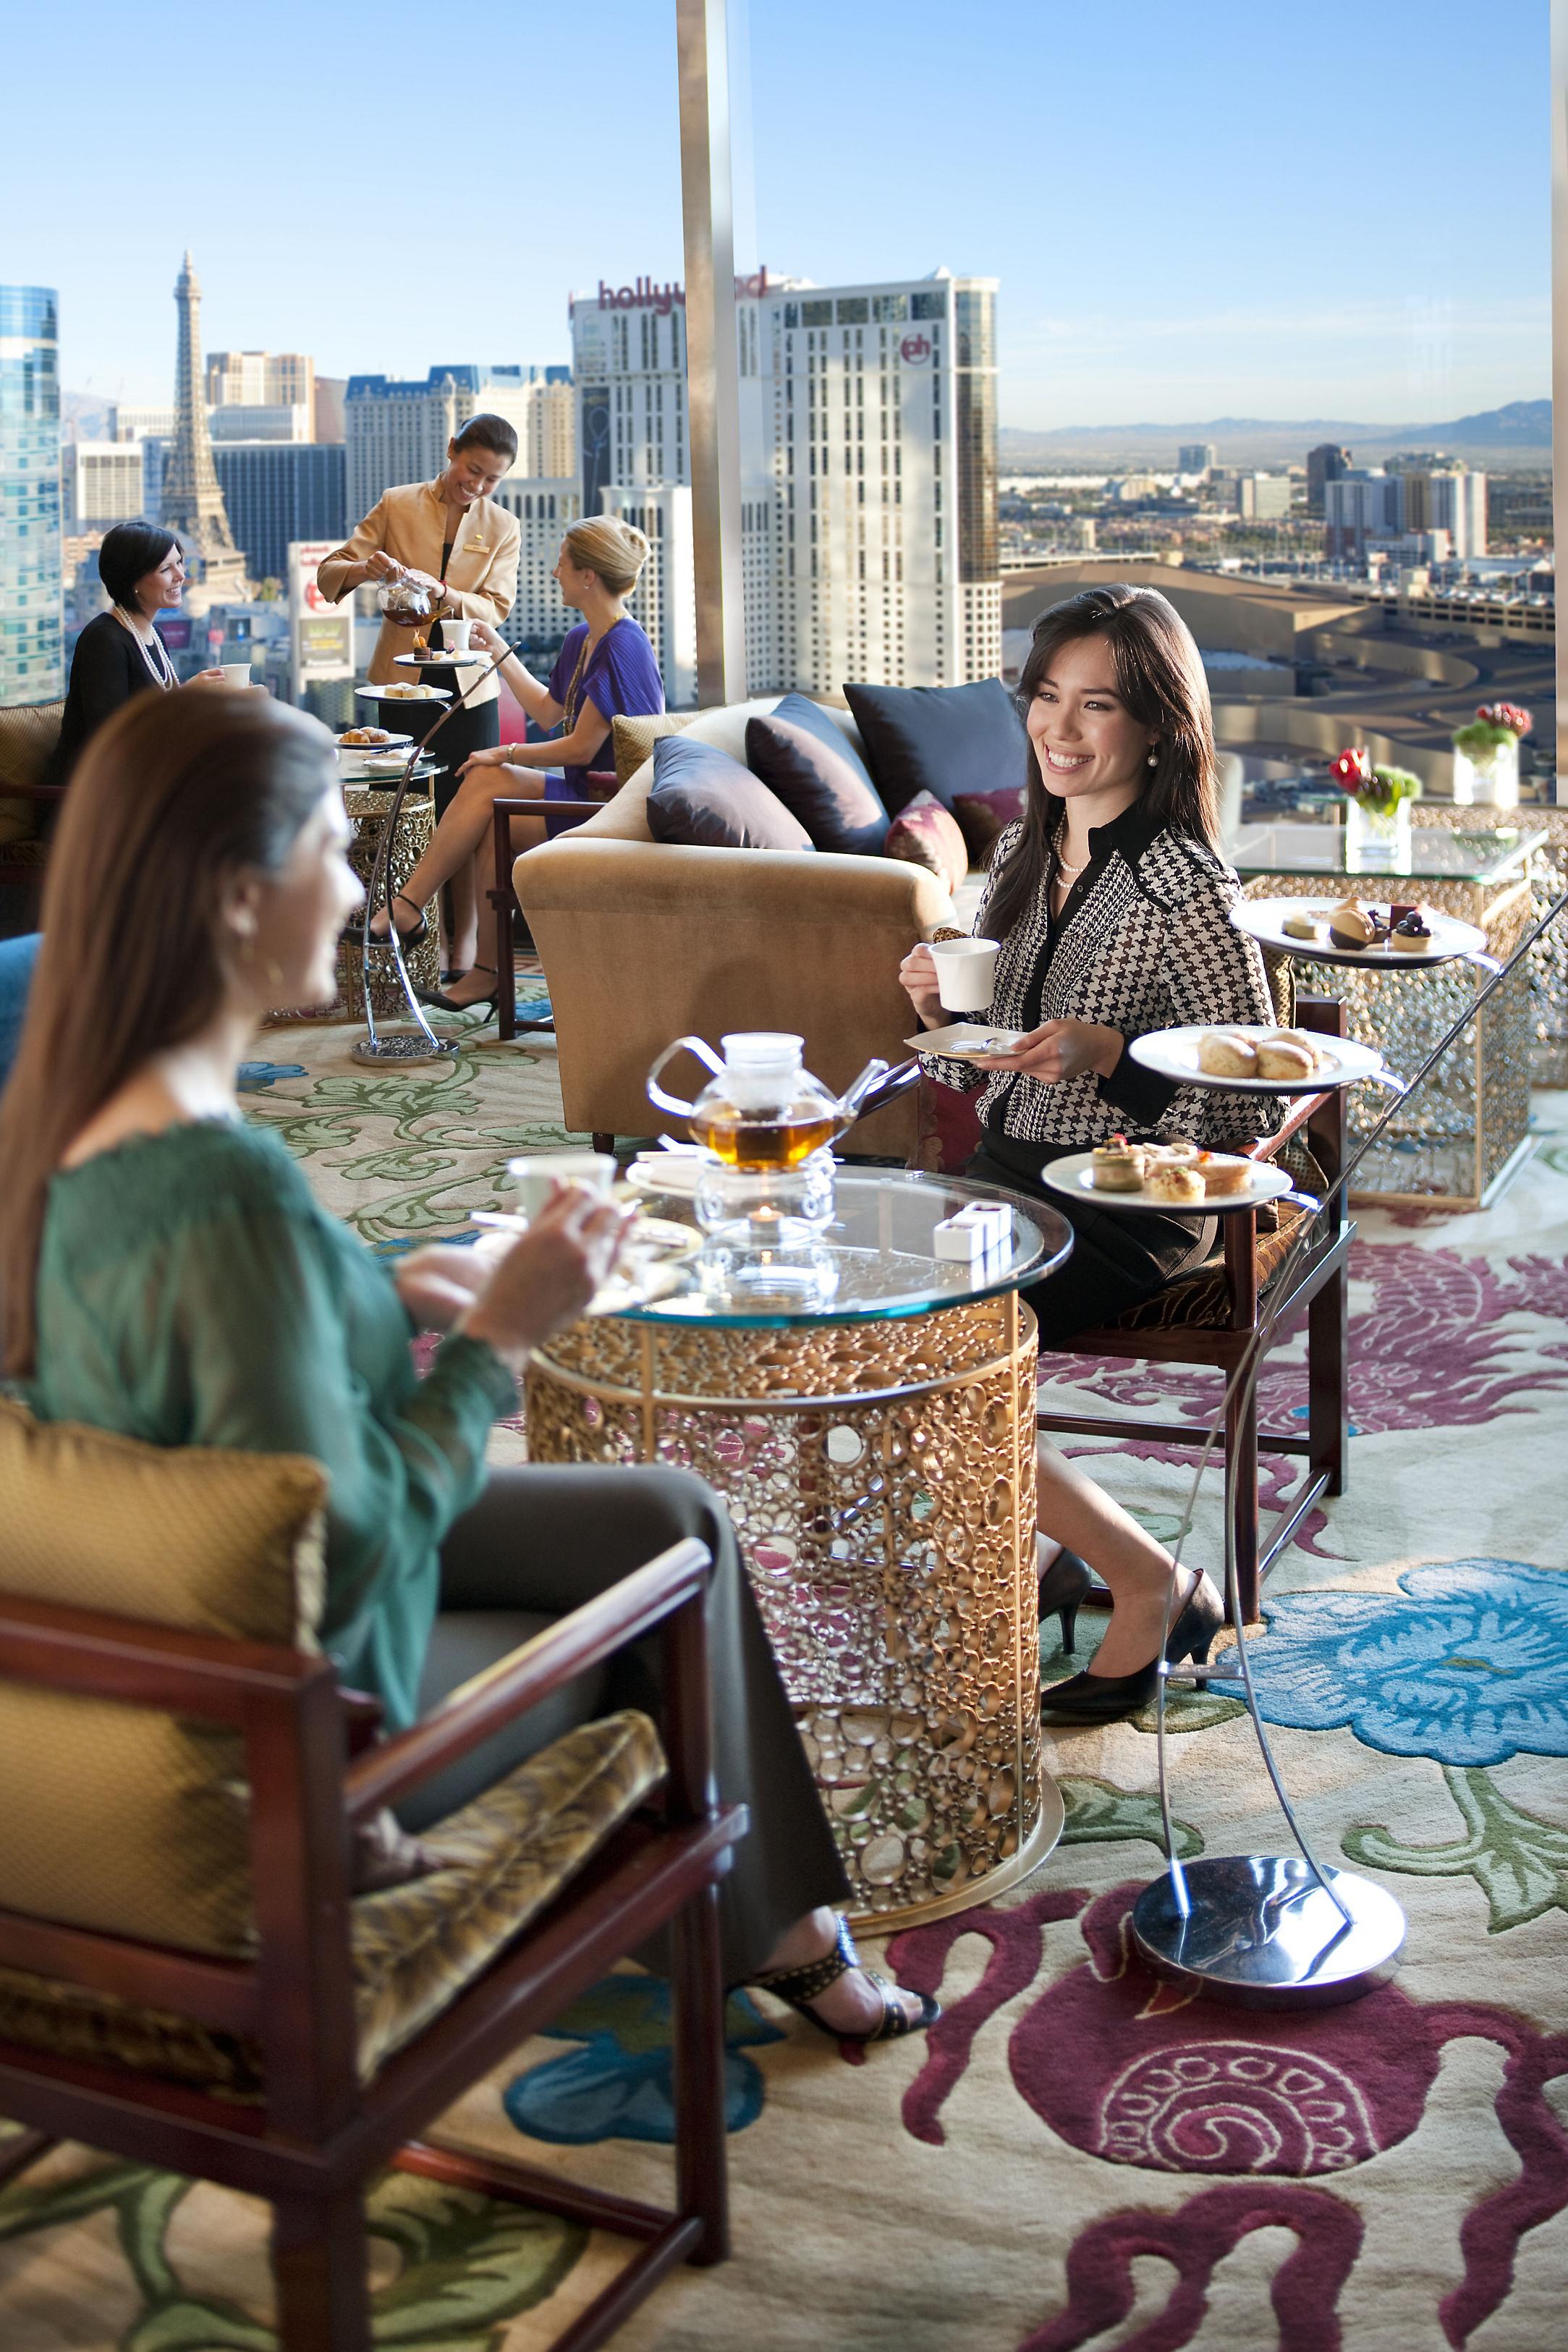 las-vegas-restaurant-tearoom-high-tea-1